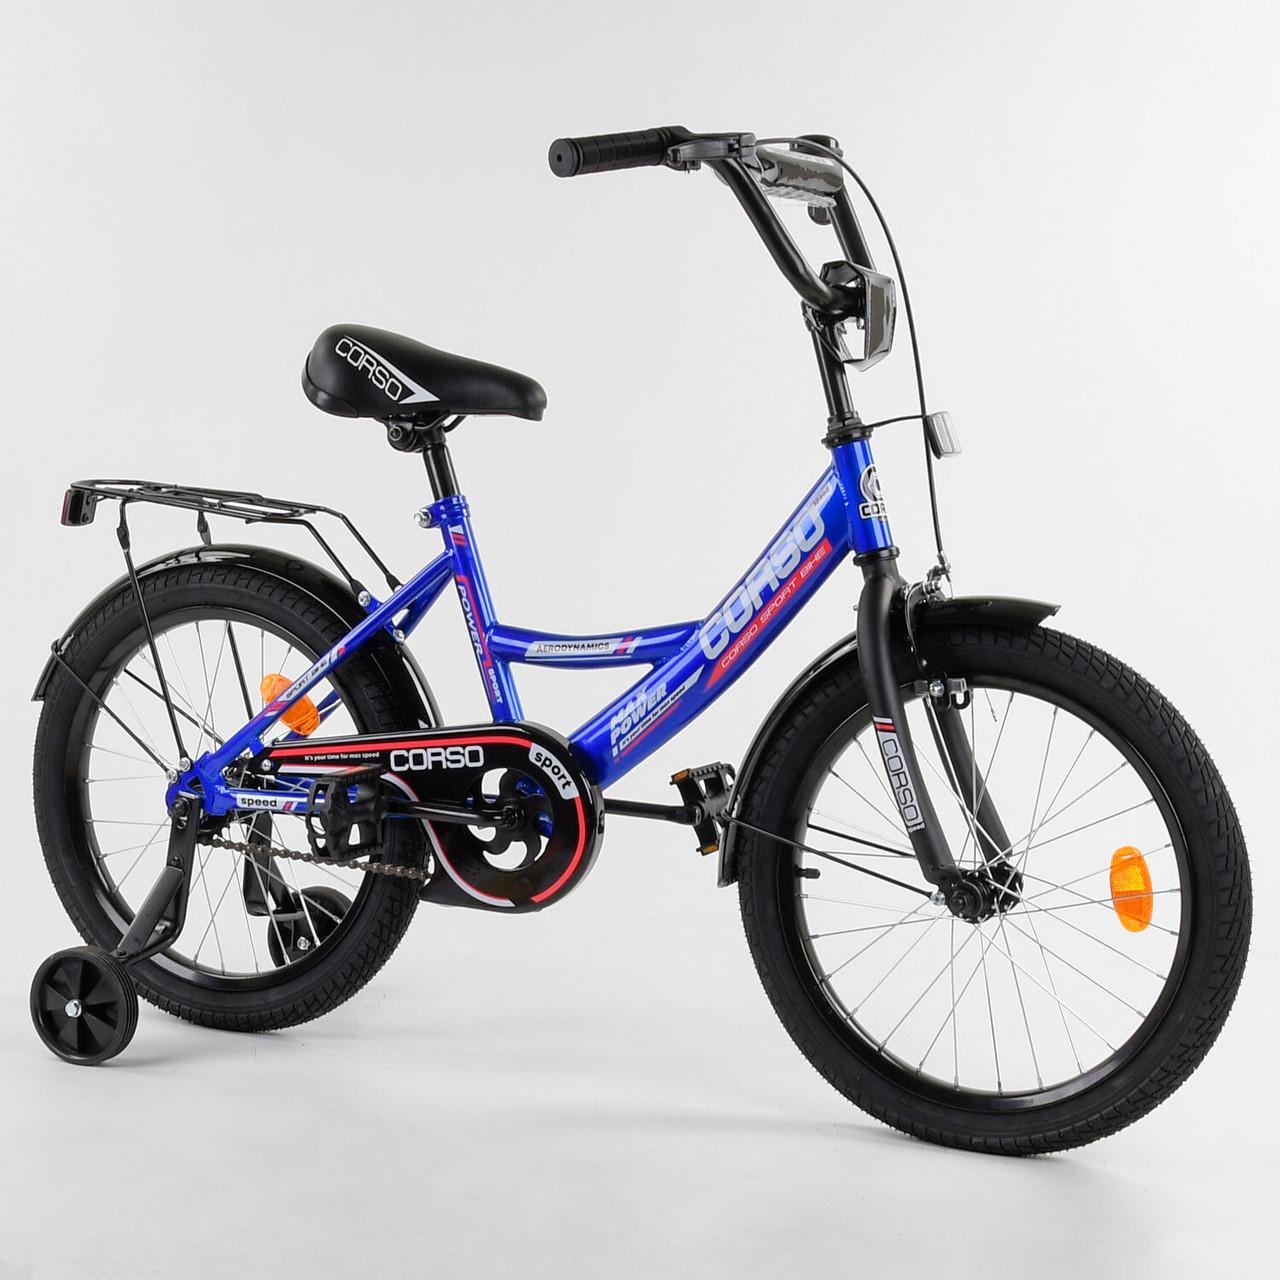 Велосипед детский для мальчика девочки 5 6 7 лет колеса 18 дюймов Corso CL-18106